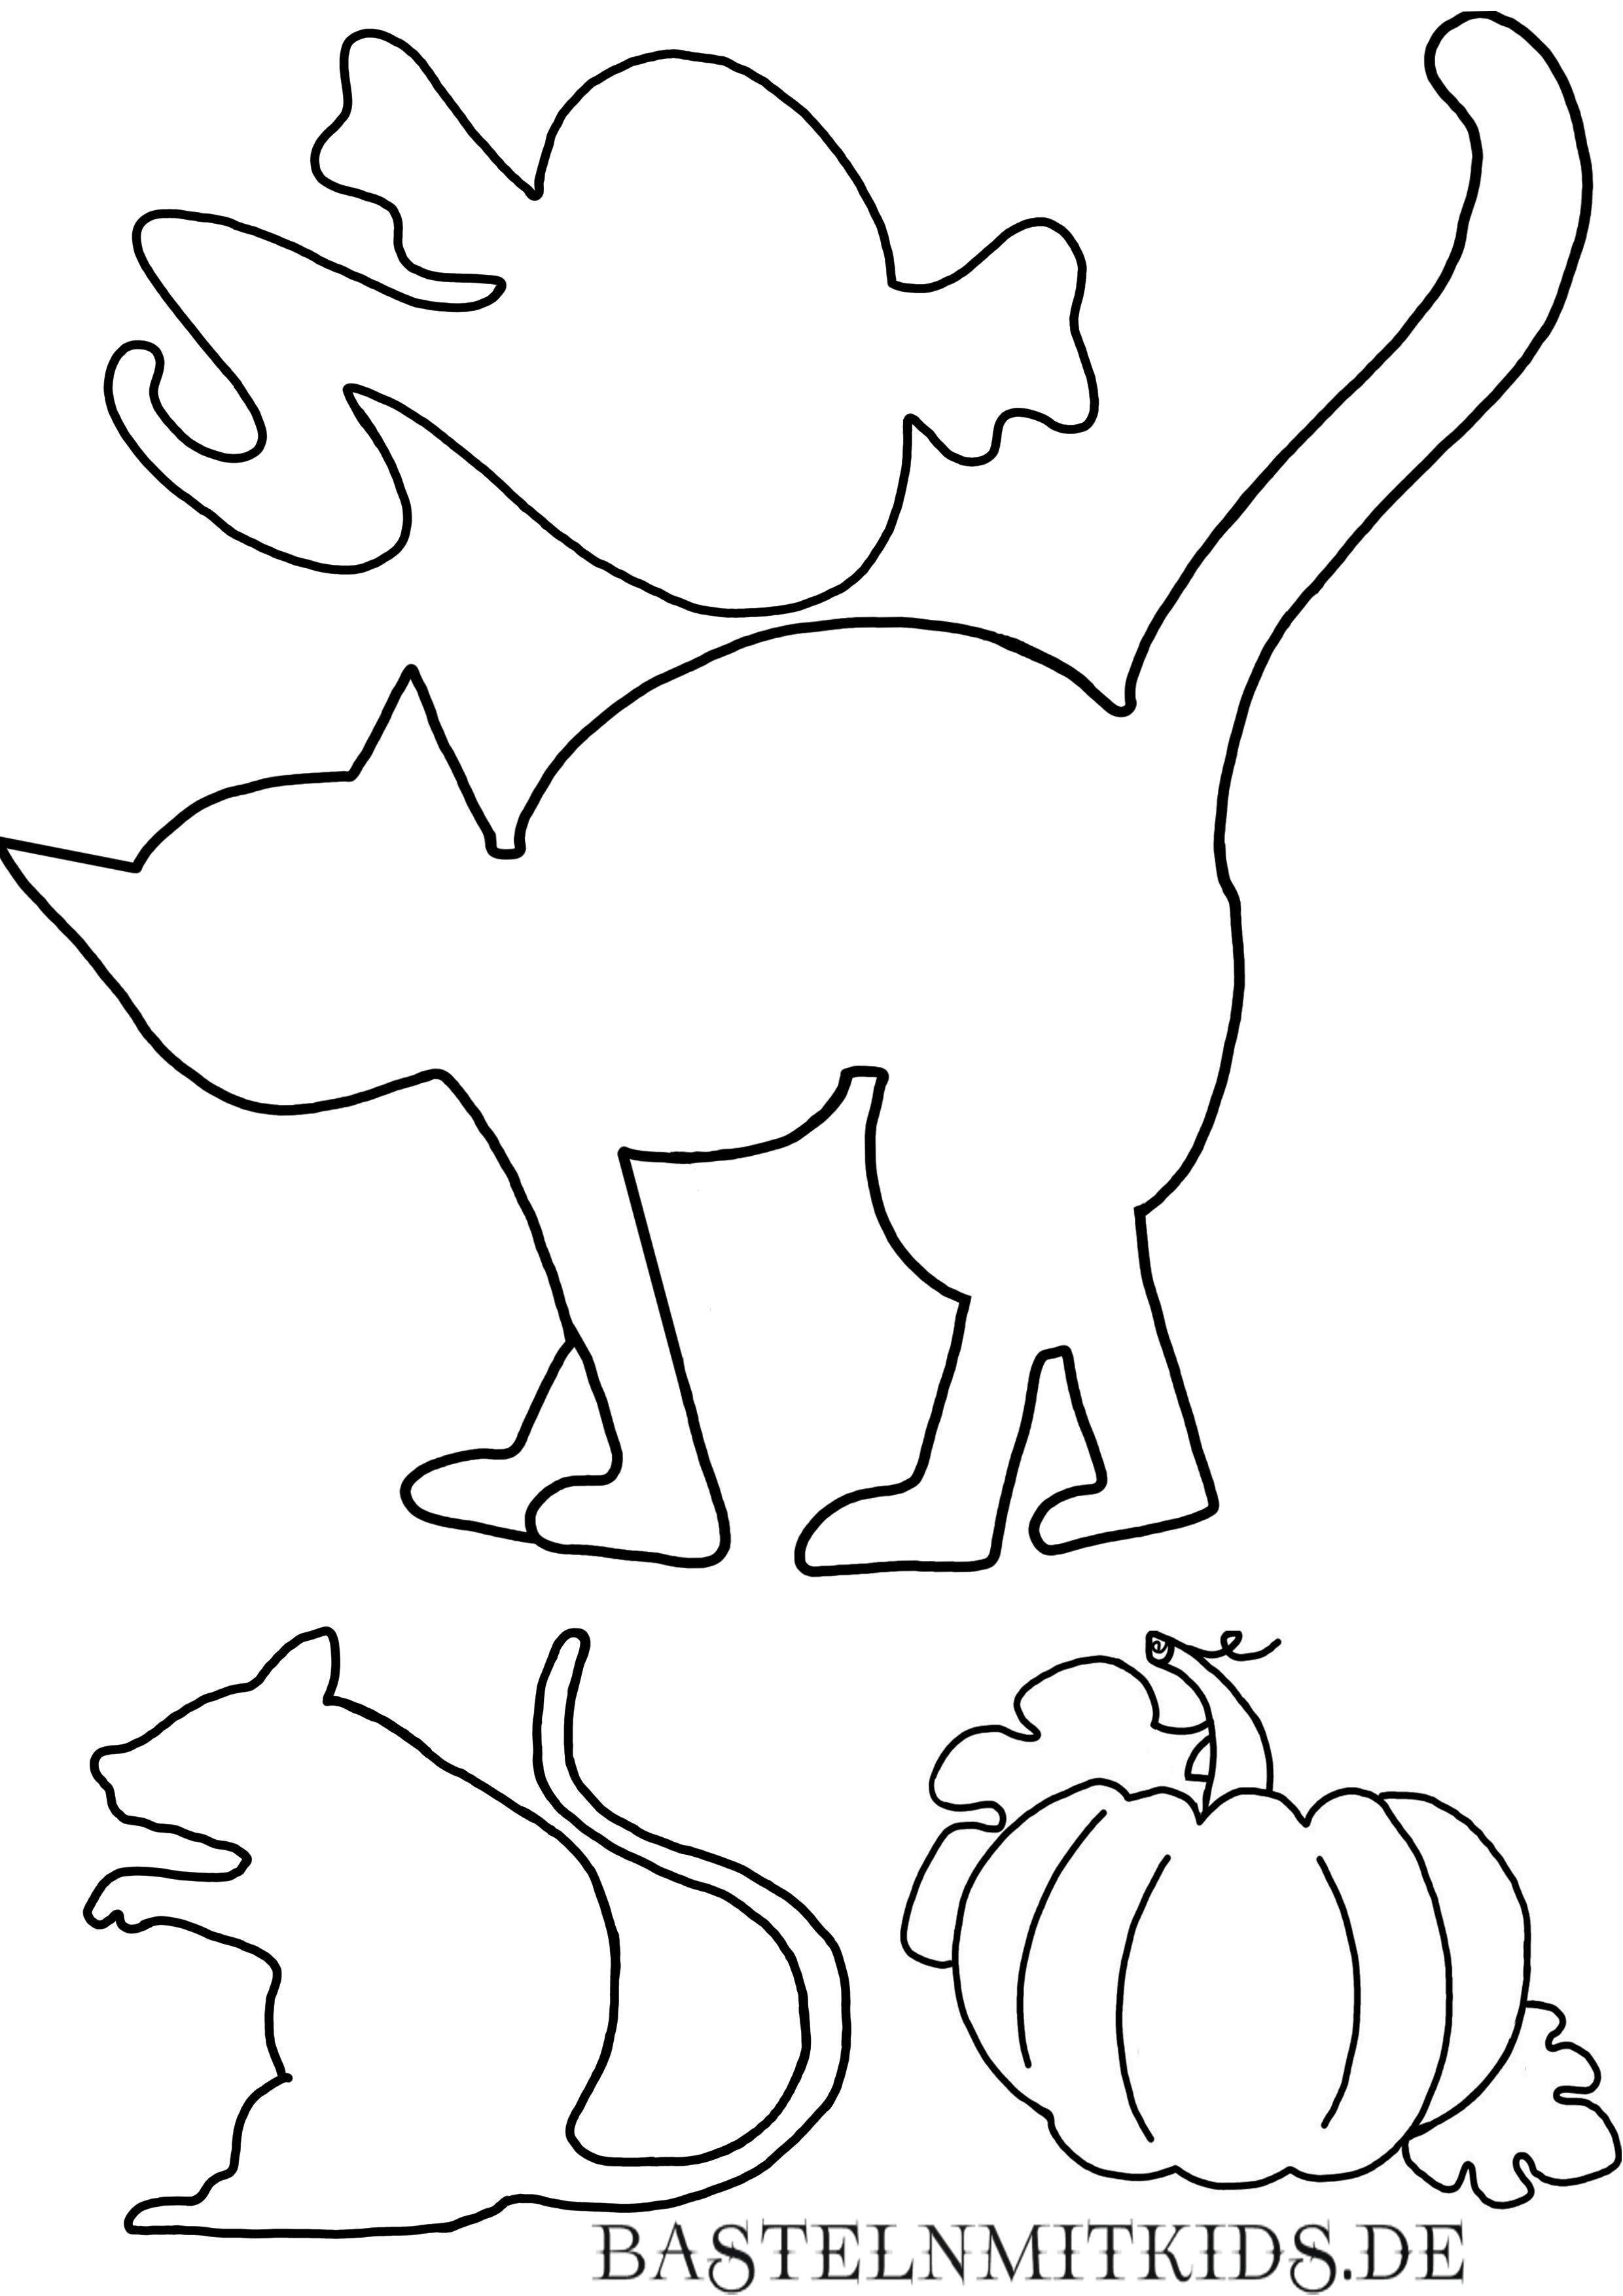 Malvorlagen Und Briefpapier Gratis Zum Drucken Basteln Mit Kindern Halloween Malvor In 2020 Halloween Basteln Vorlagen Malvorlagen Halloween Halloween Deko Basteln